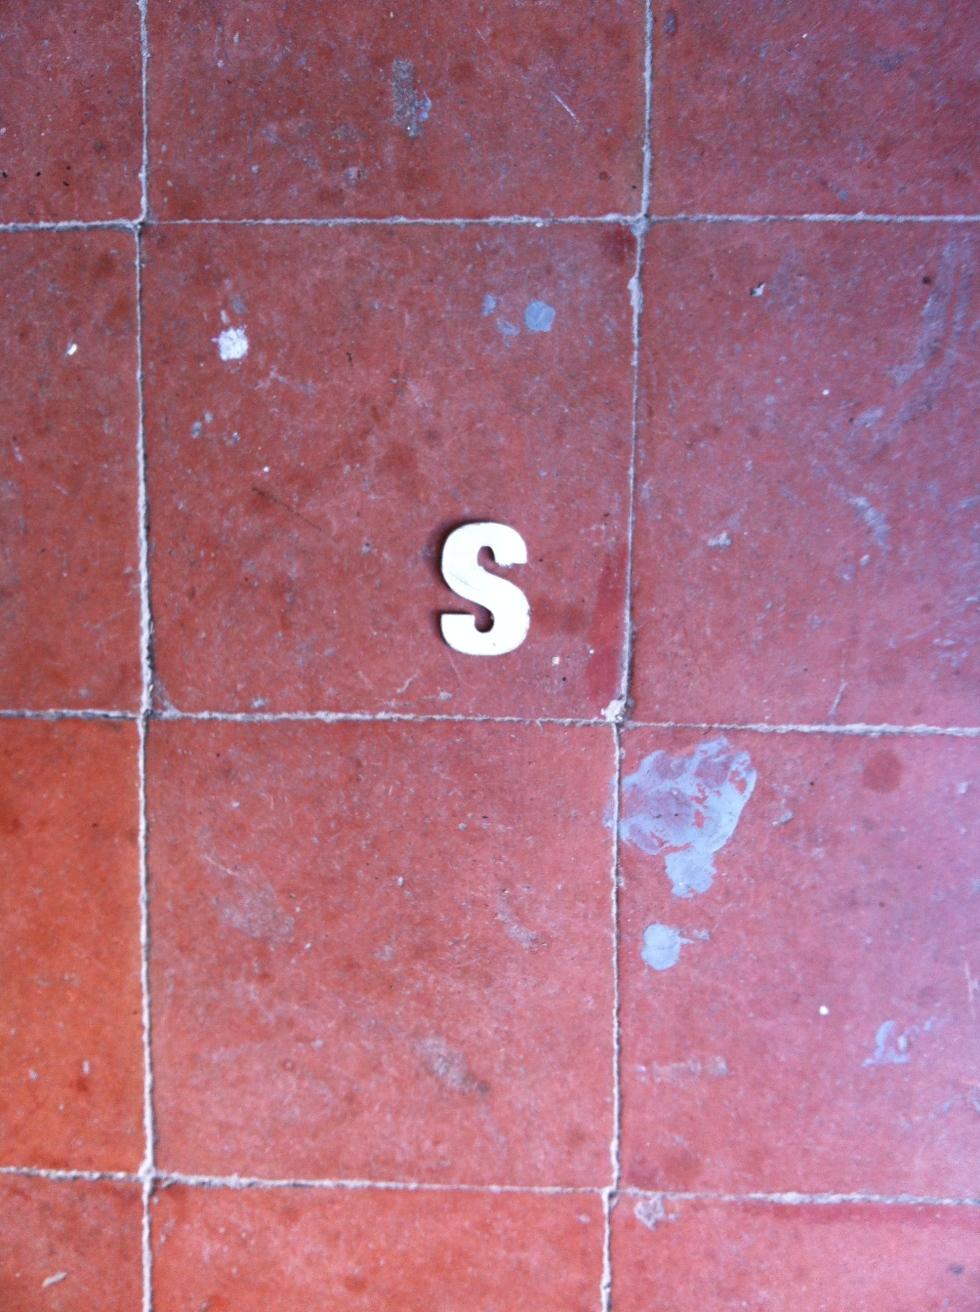 Le S trouvé par terre en sortant.